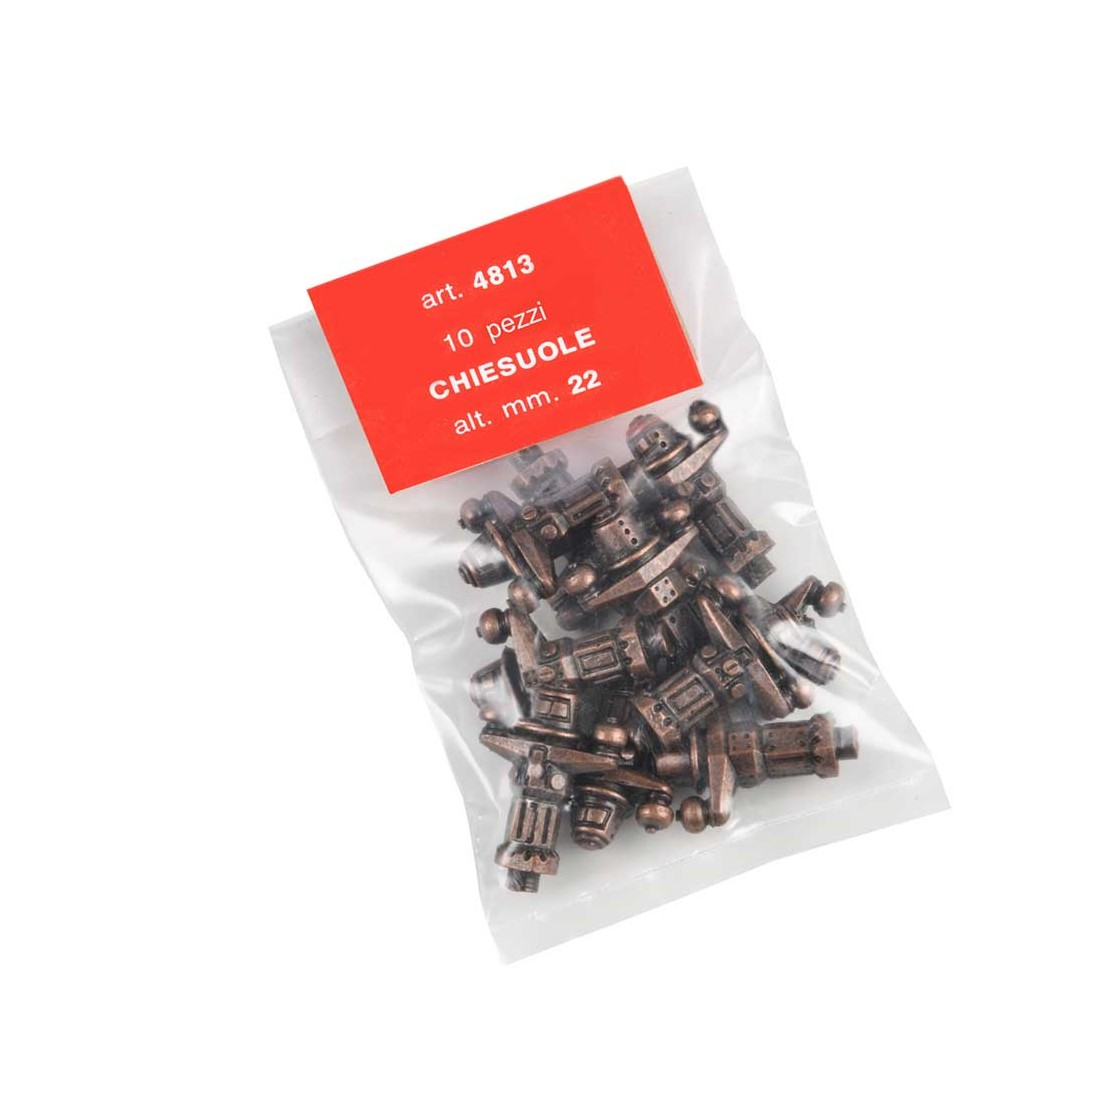 Chiesuole in Metallo mm. 22